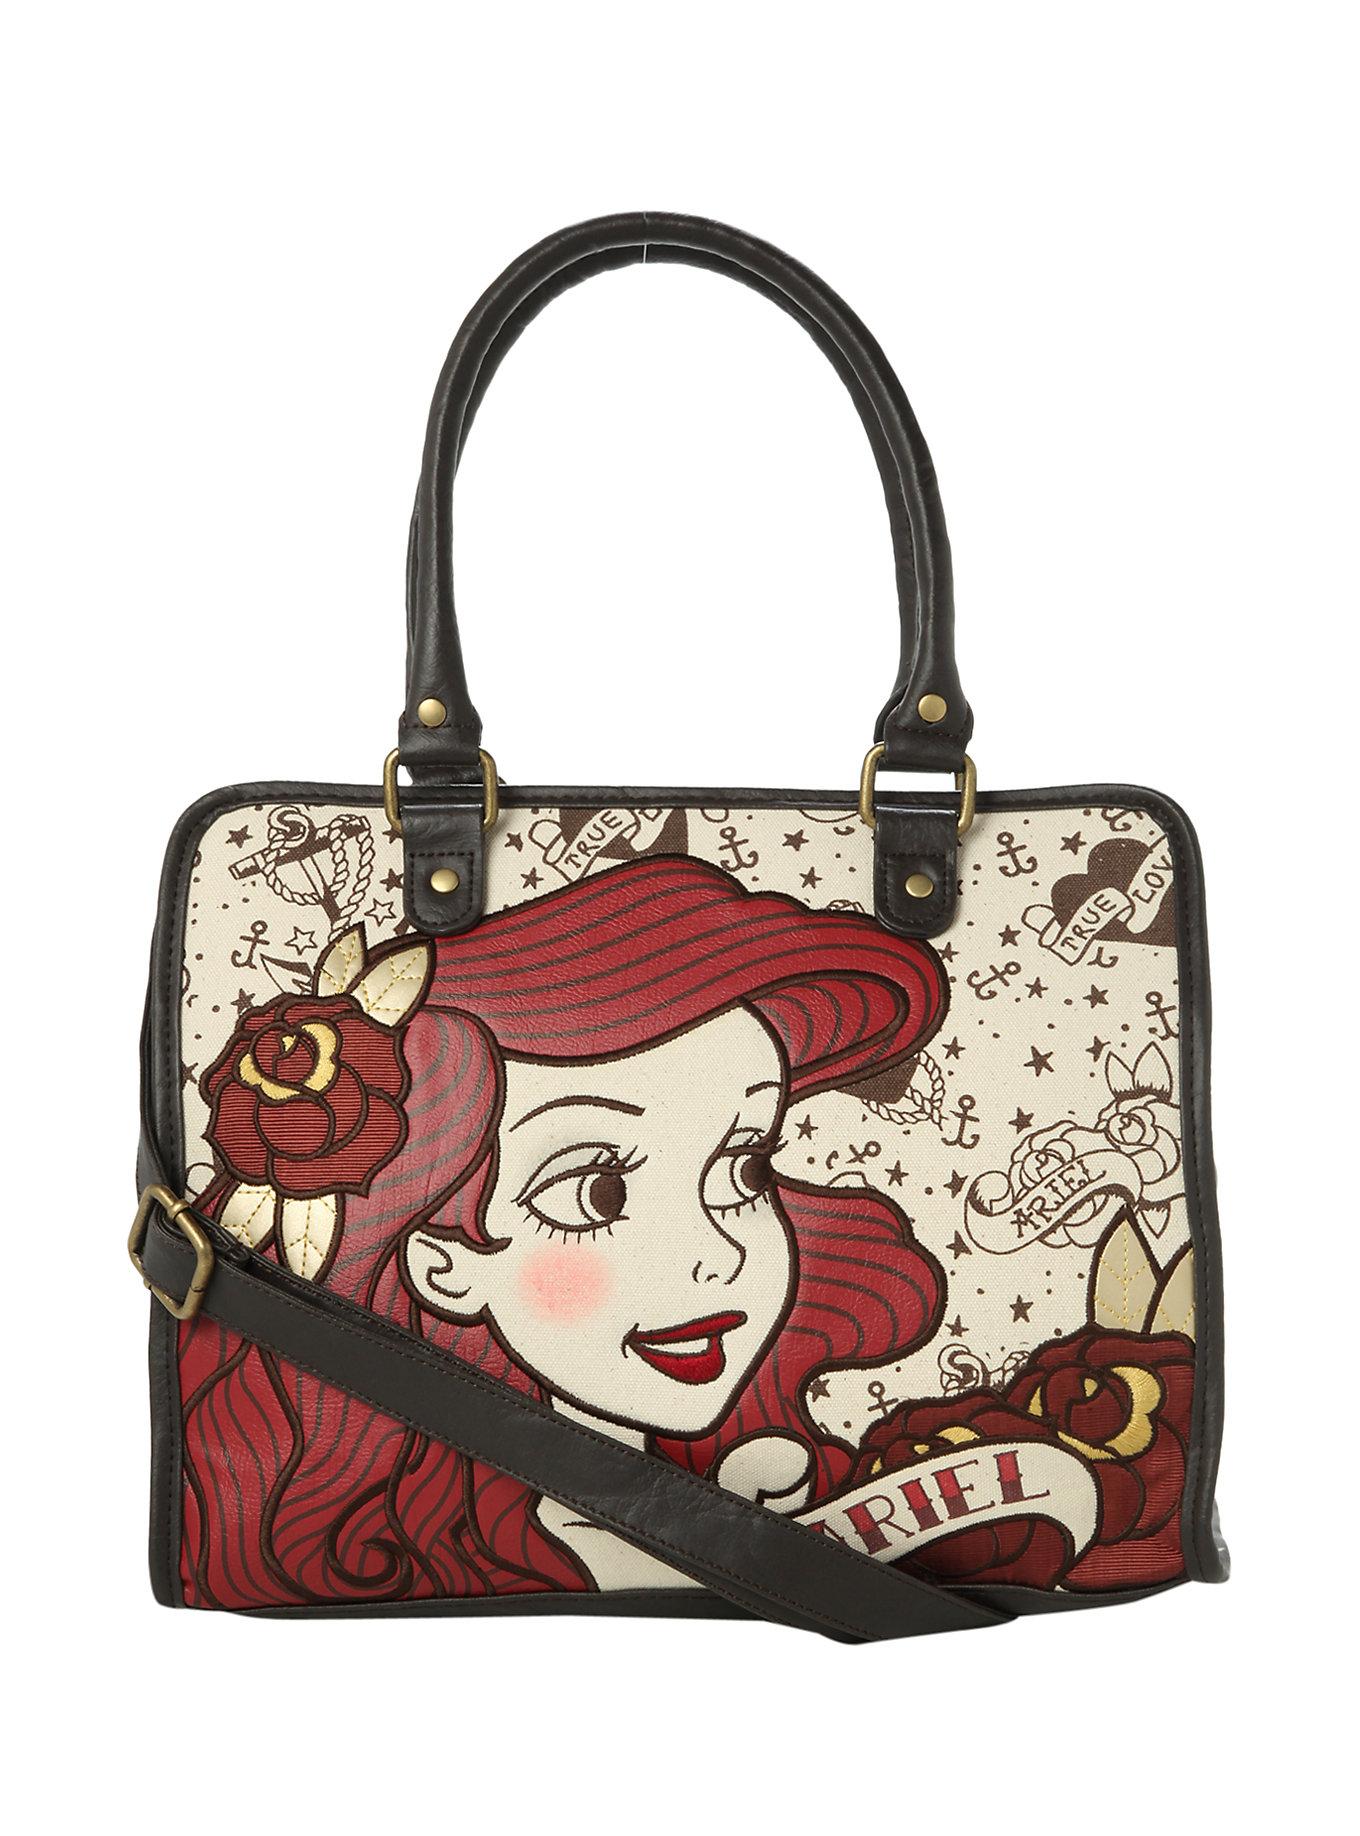 Ariel Bag